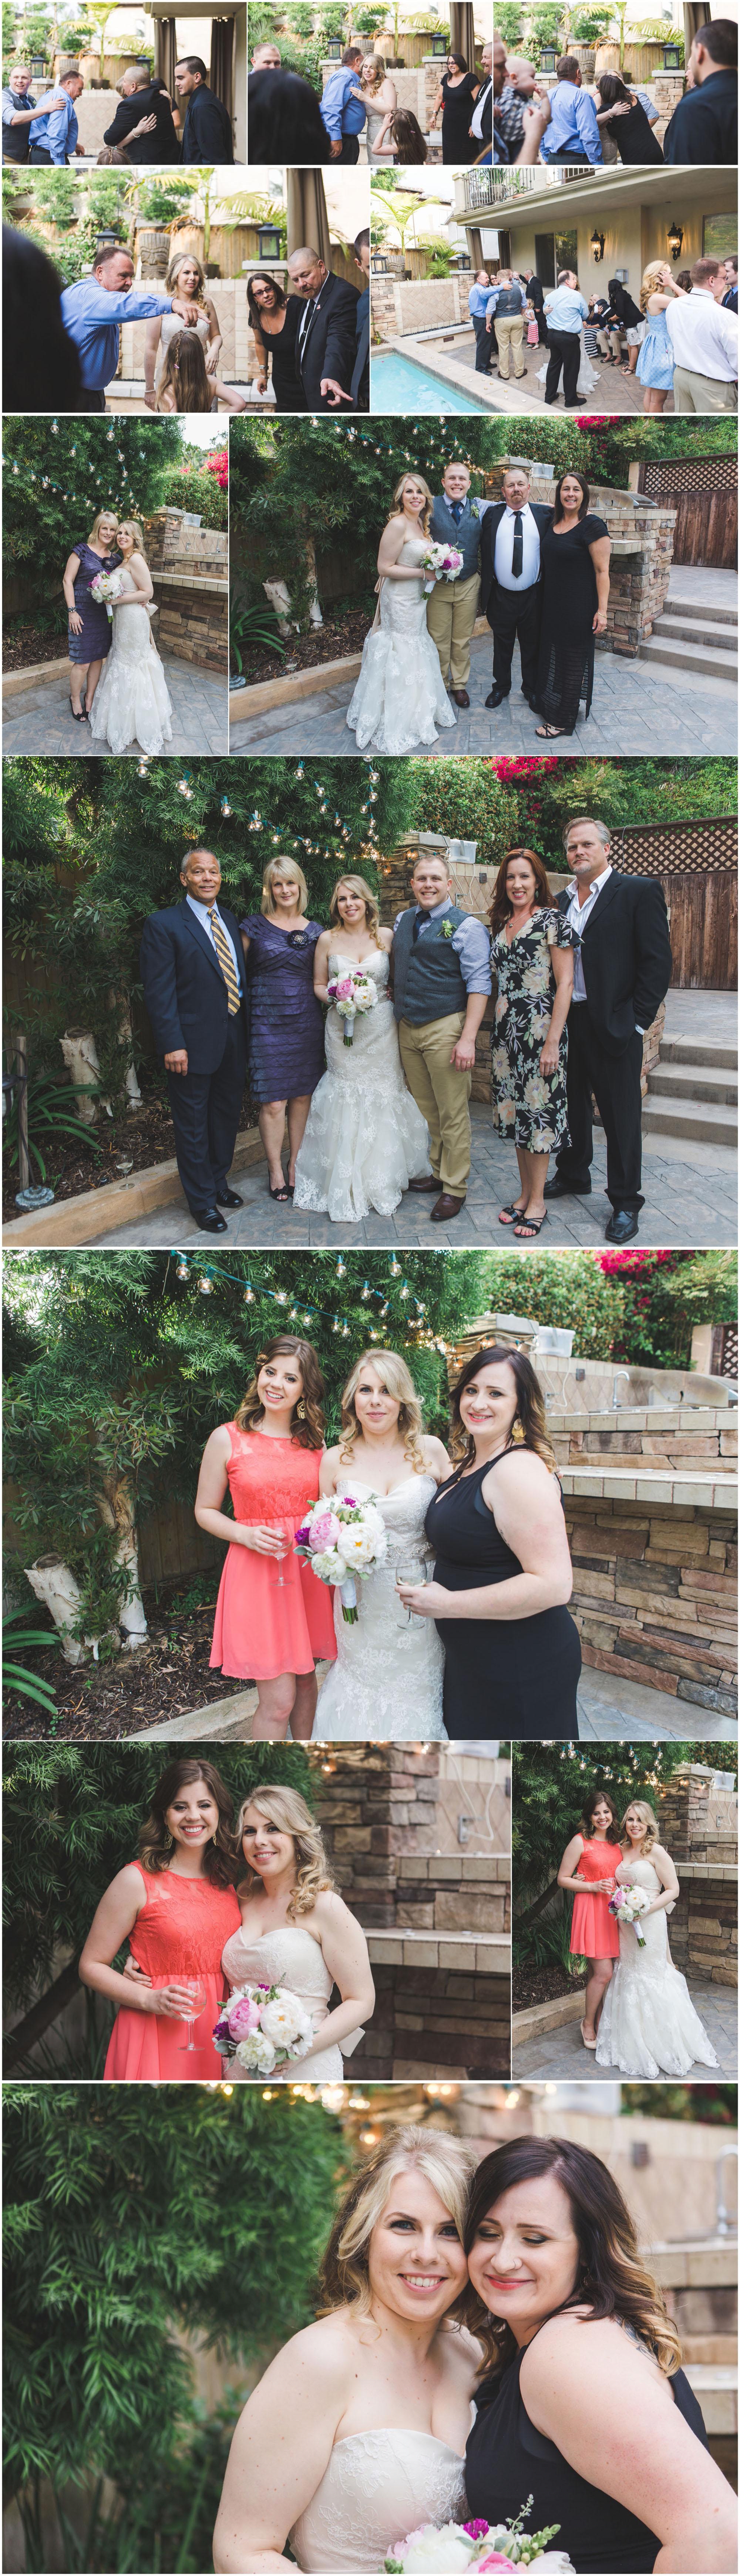 ashley vos photography seattle area wedding photographer courthouse wedding backyard wedding seattle washington_0118.jpg